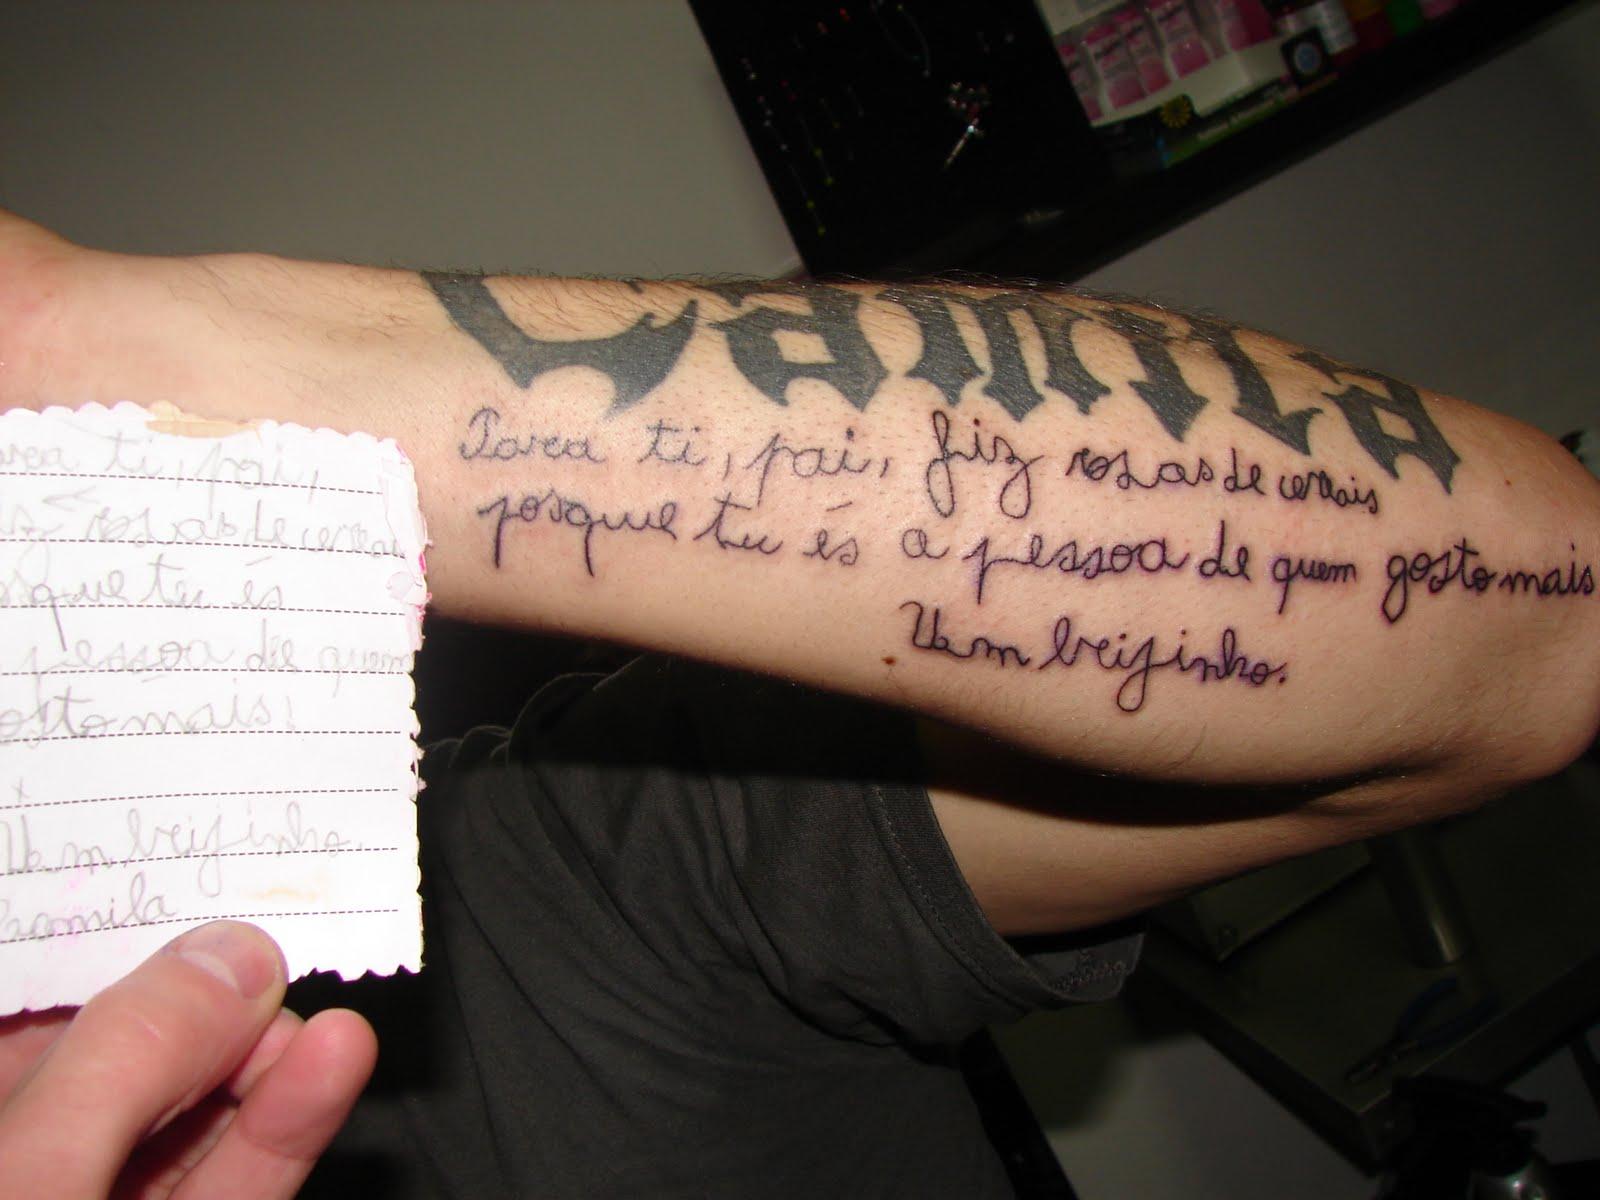 http://1.bp.blogspot.com/_wnXTZWQh1FY/TBvBJcmWMtI/AAAAAAAAAp4/o_g89cxxZ8k/s1600/my+tattoo+1452.JPG